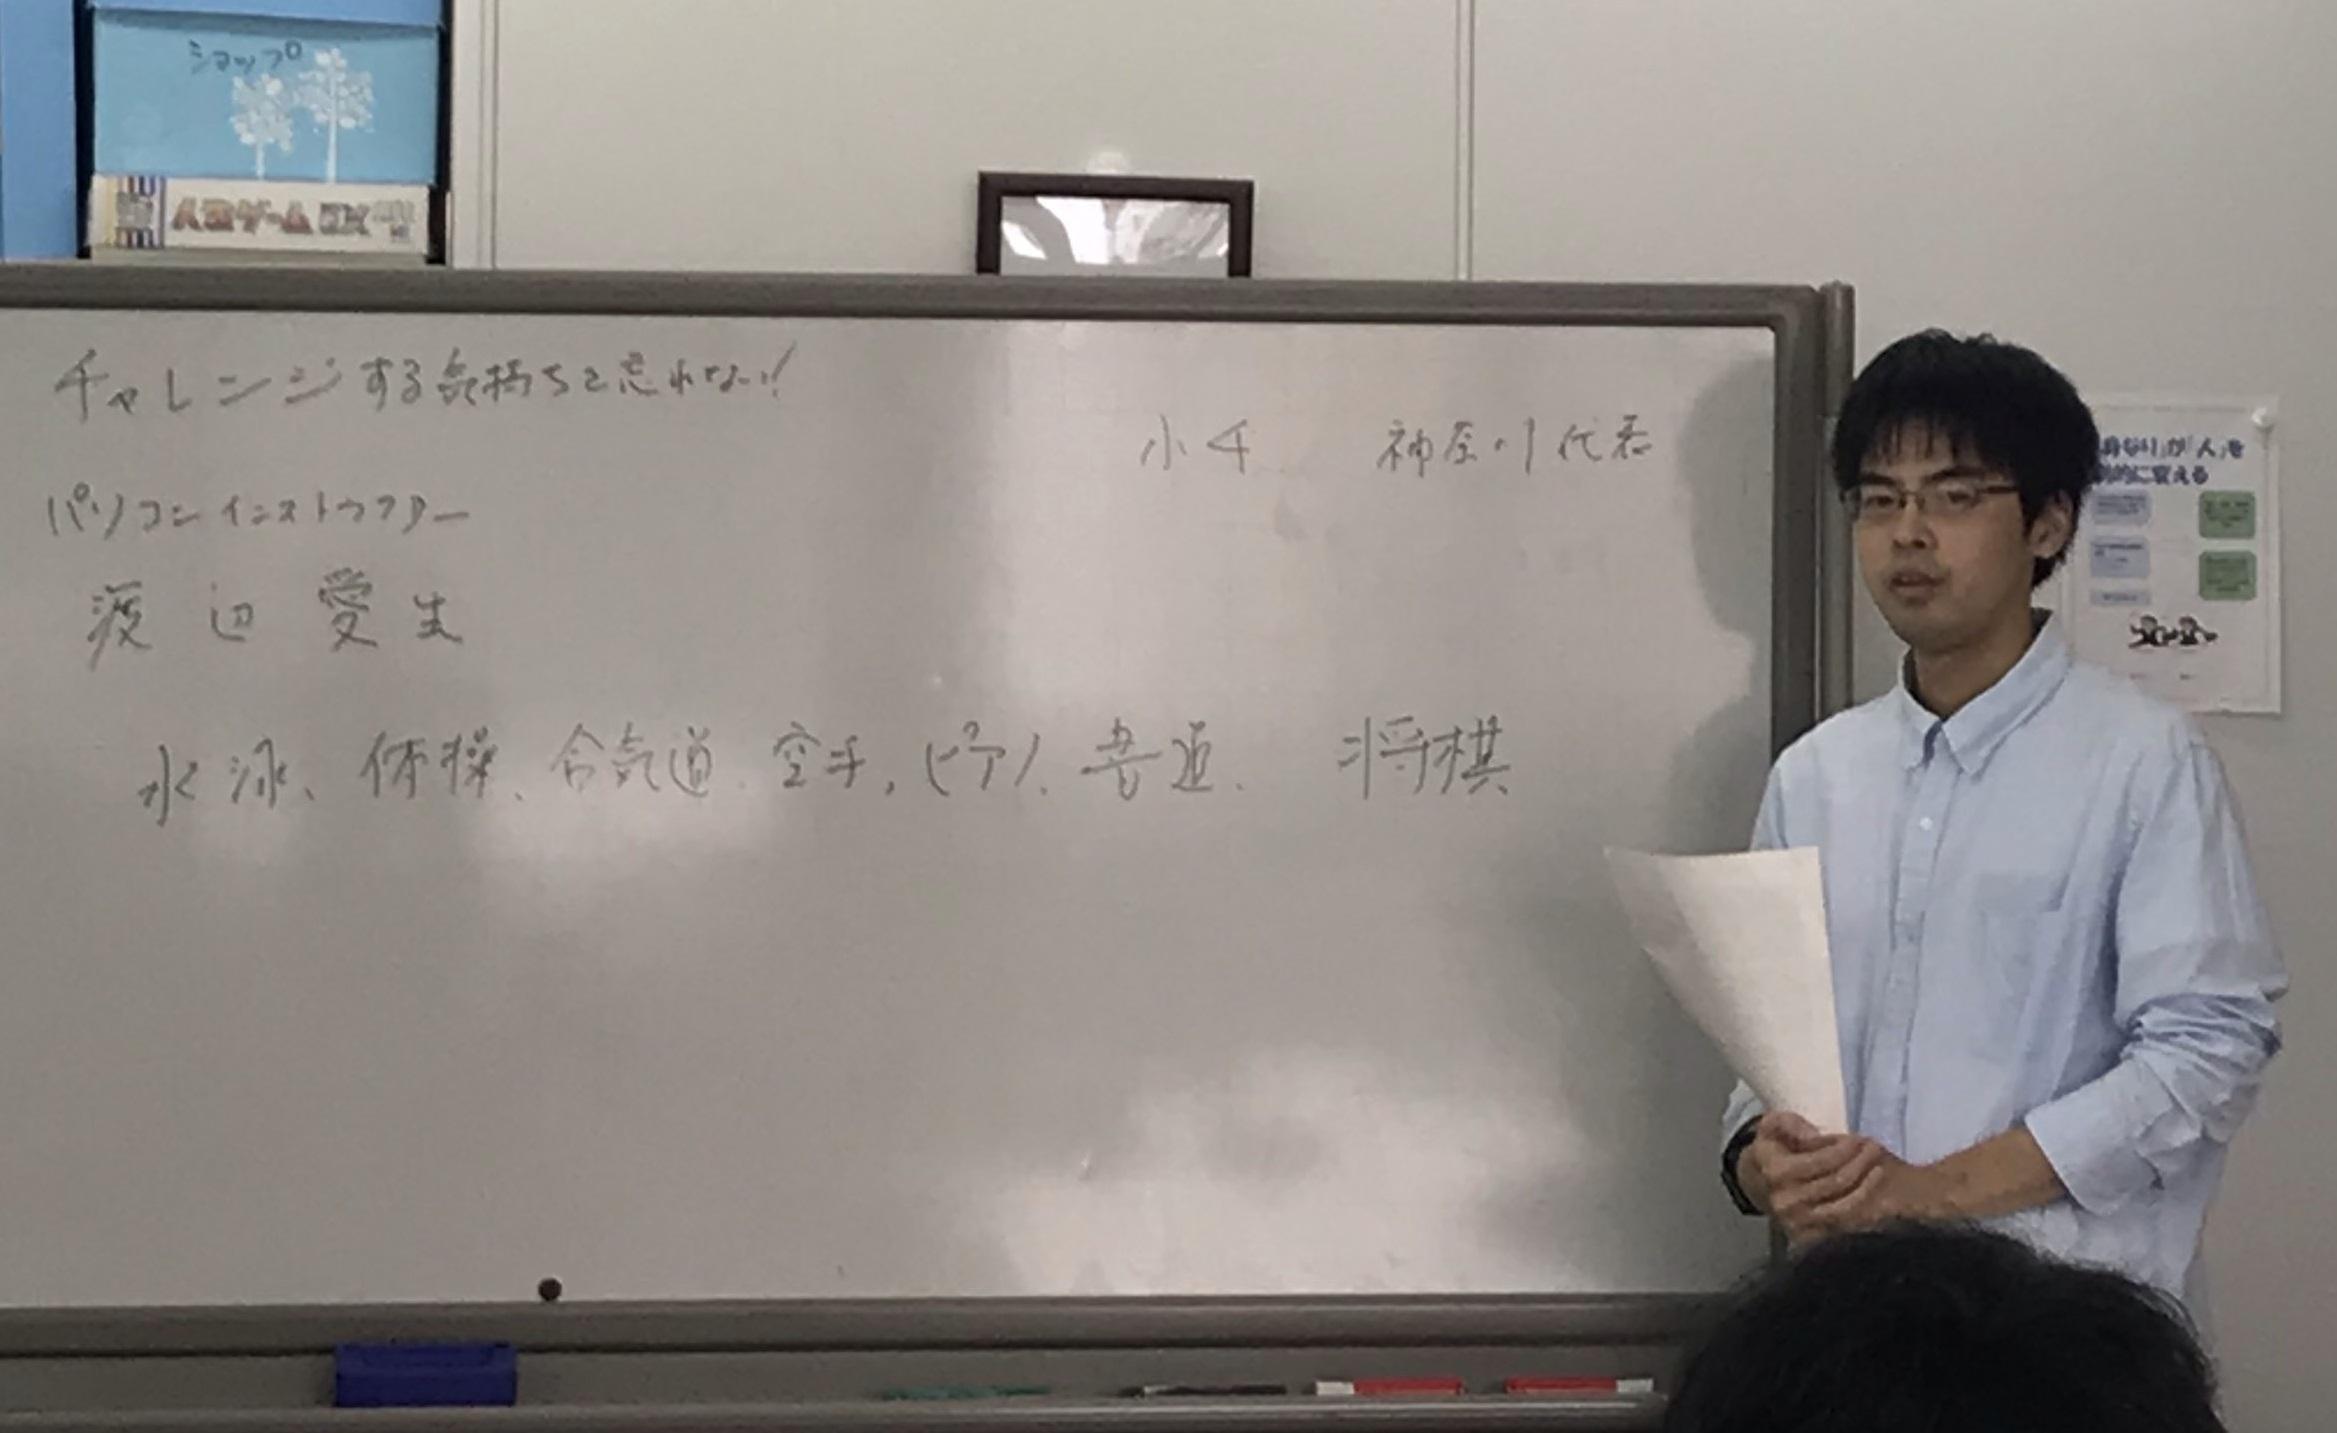 渡辺先生の講話を拝聴しました。《職業人講話》